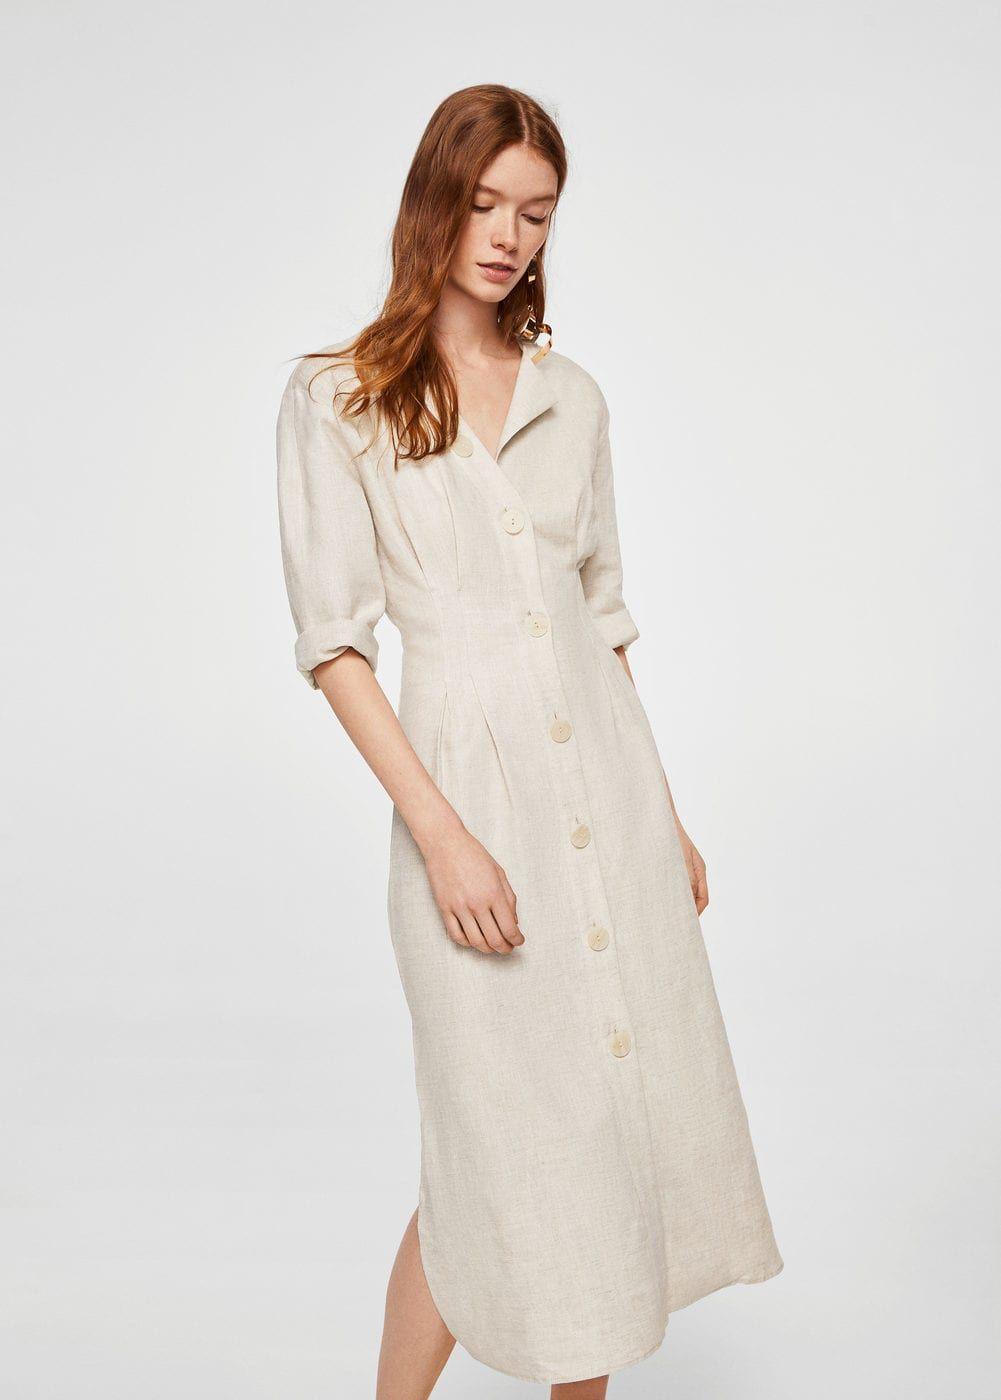 Linen fabric Round neck Button front Side slits de6228c4504b